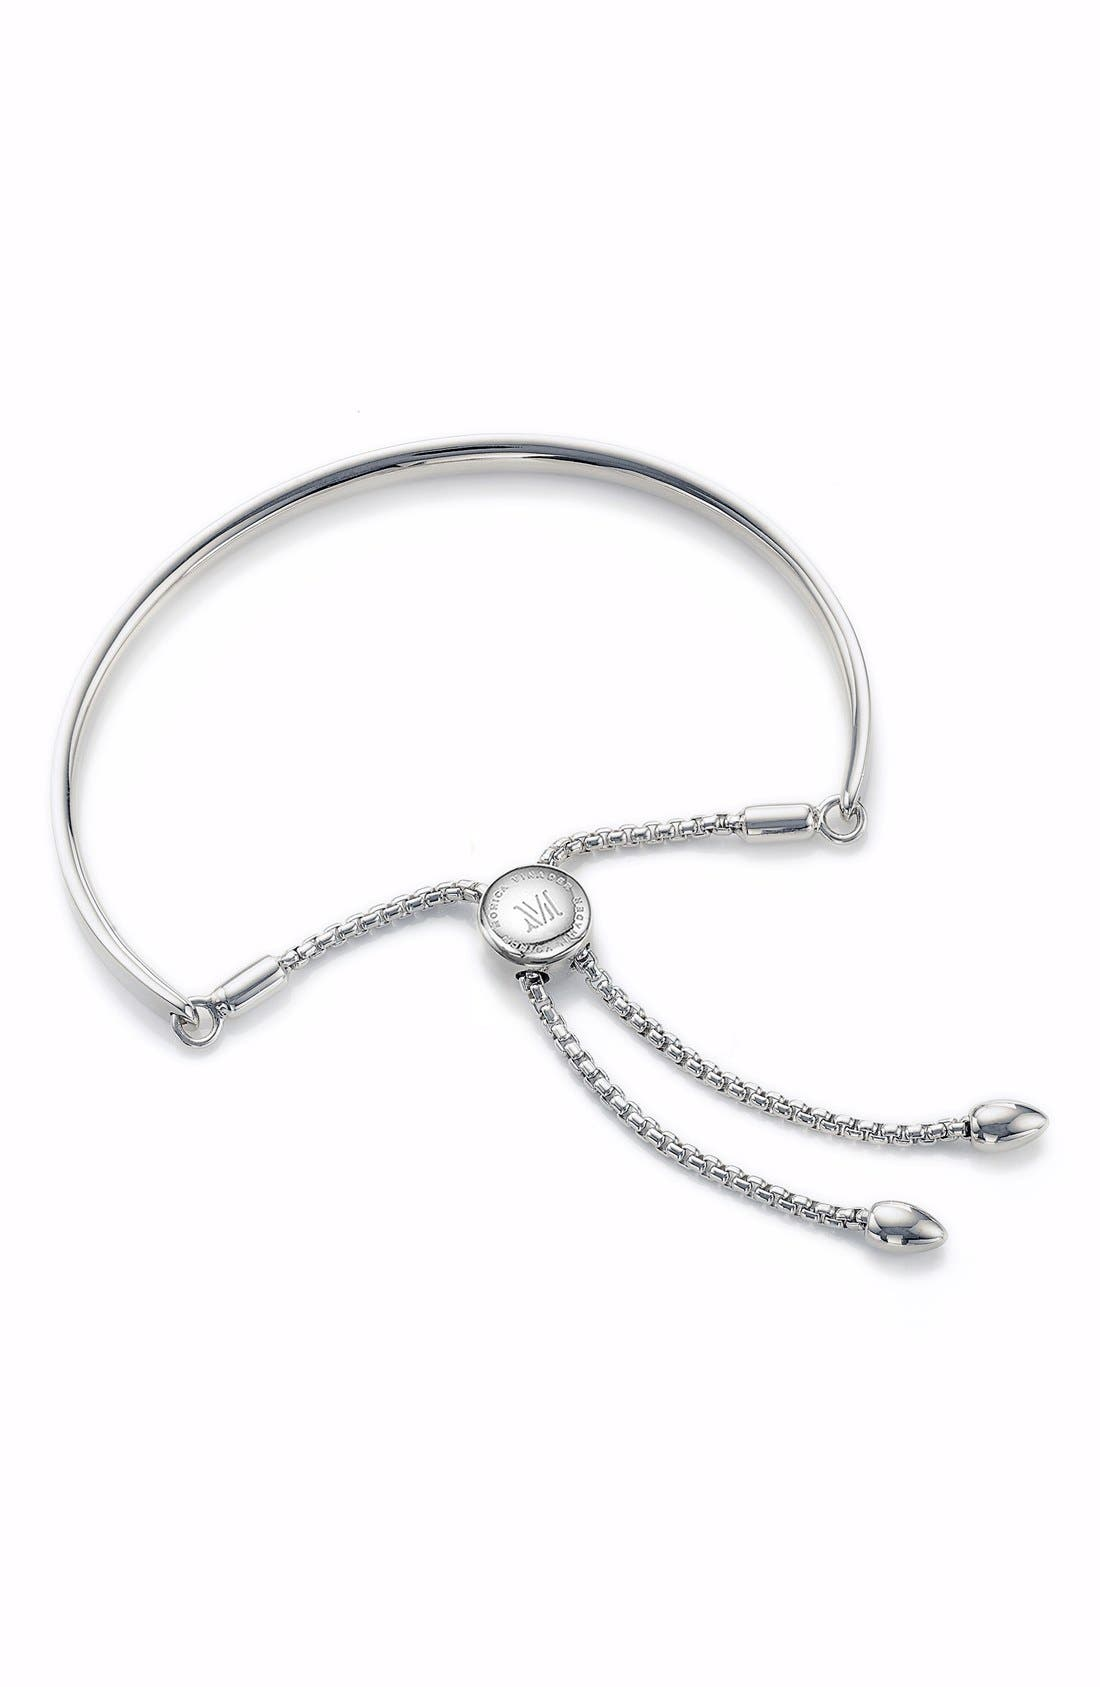 Fiji Petite Friendship Bracelet,                             Main thumbnail 1, color,                             Silver